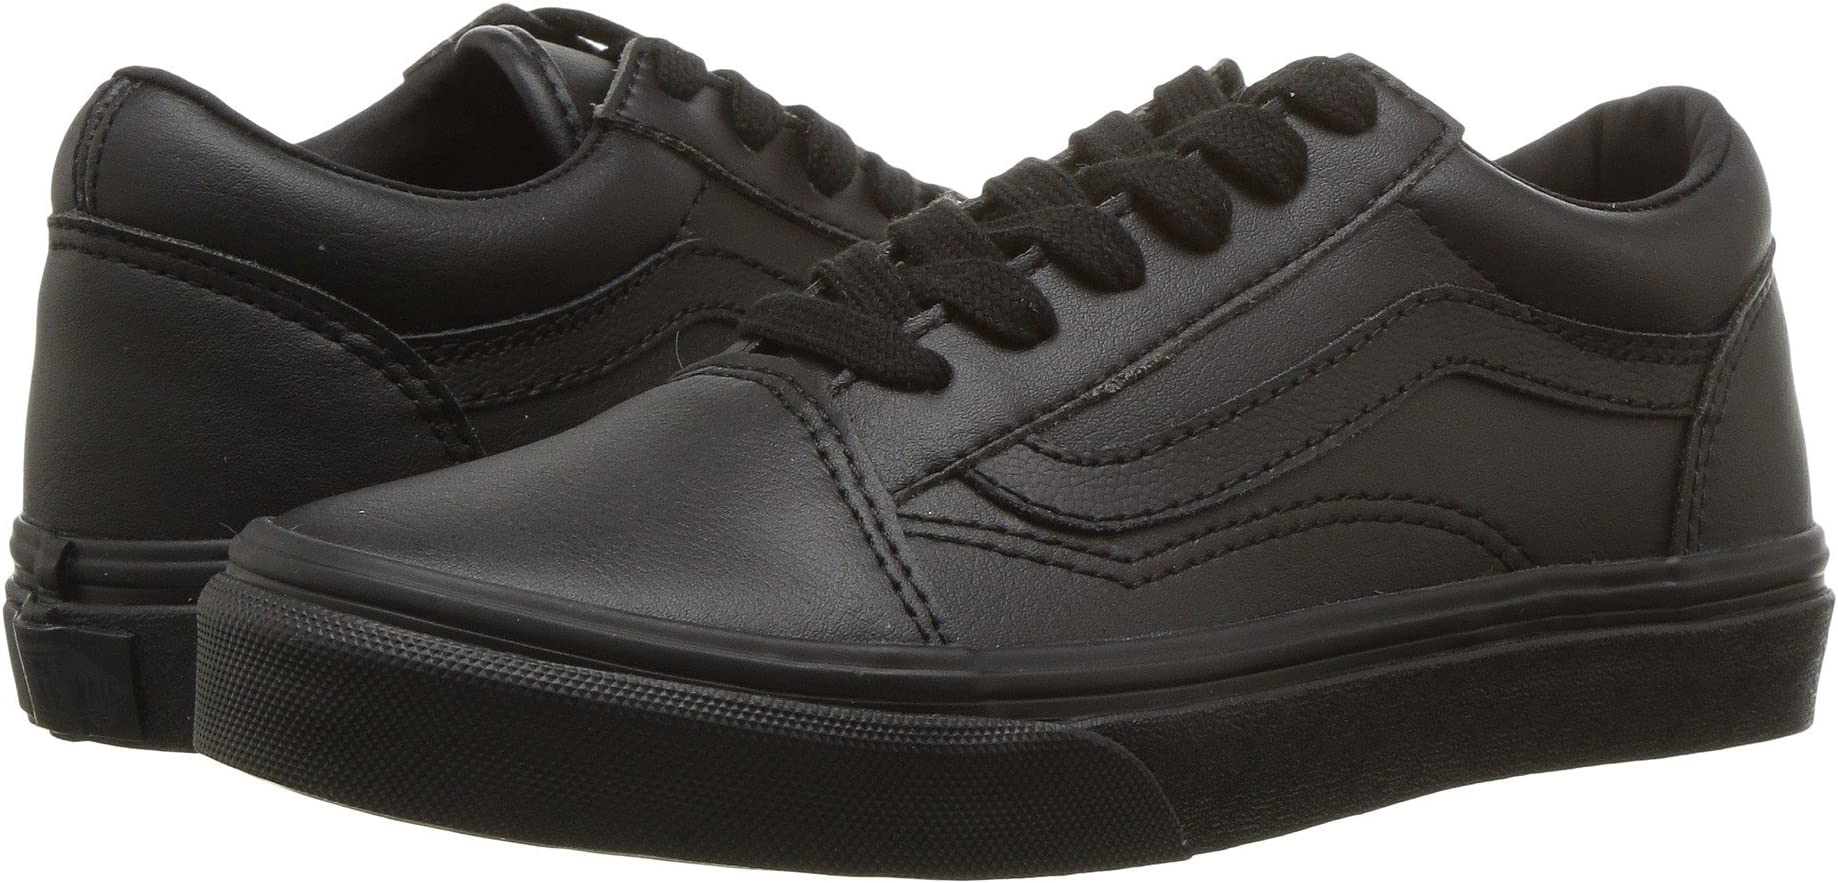 vans shoes kids size 4